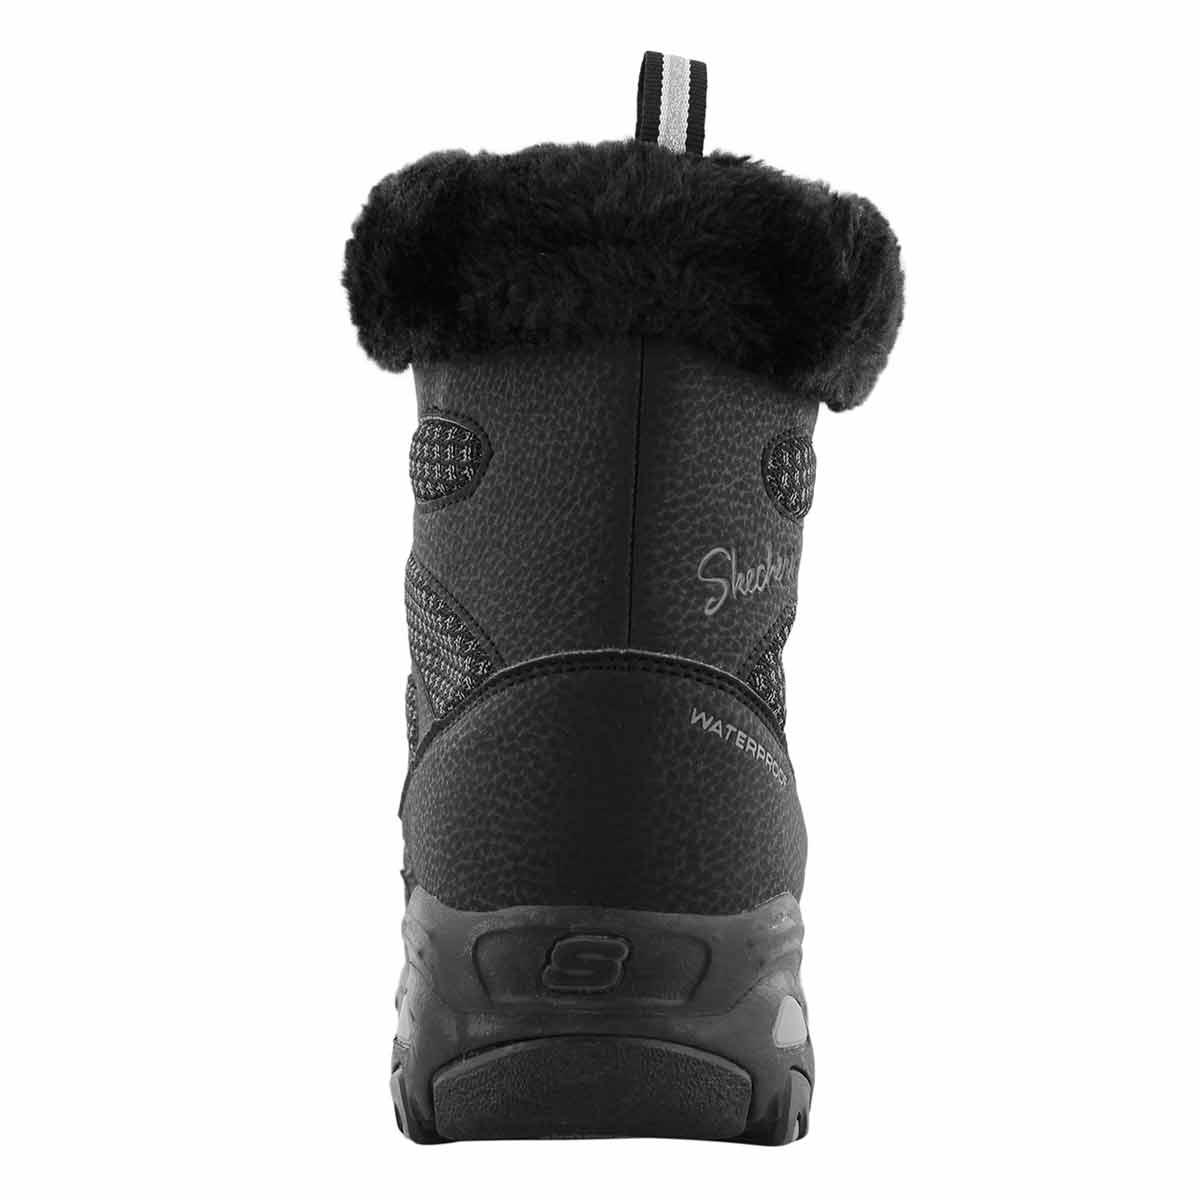 Lds D'Lites black wp lace up winter boot